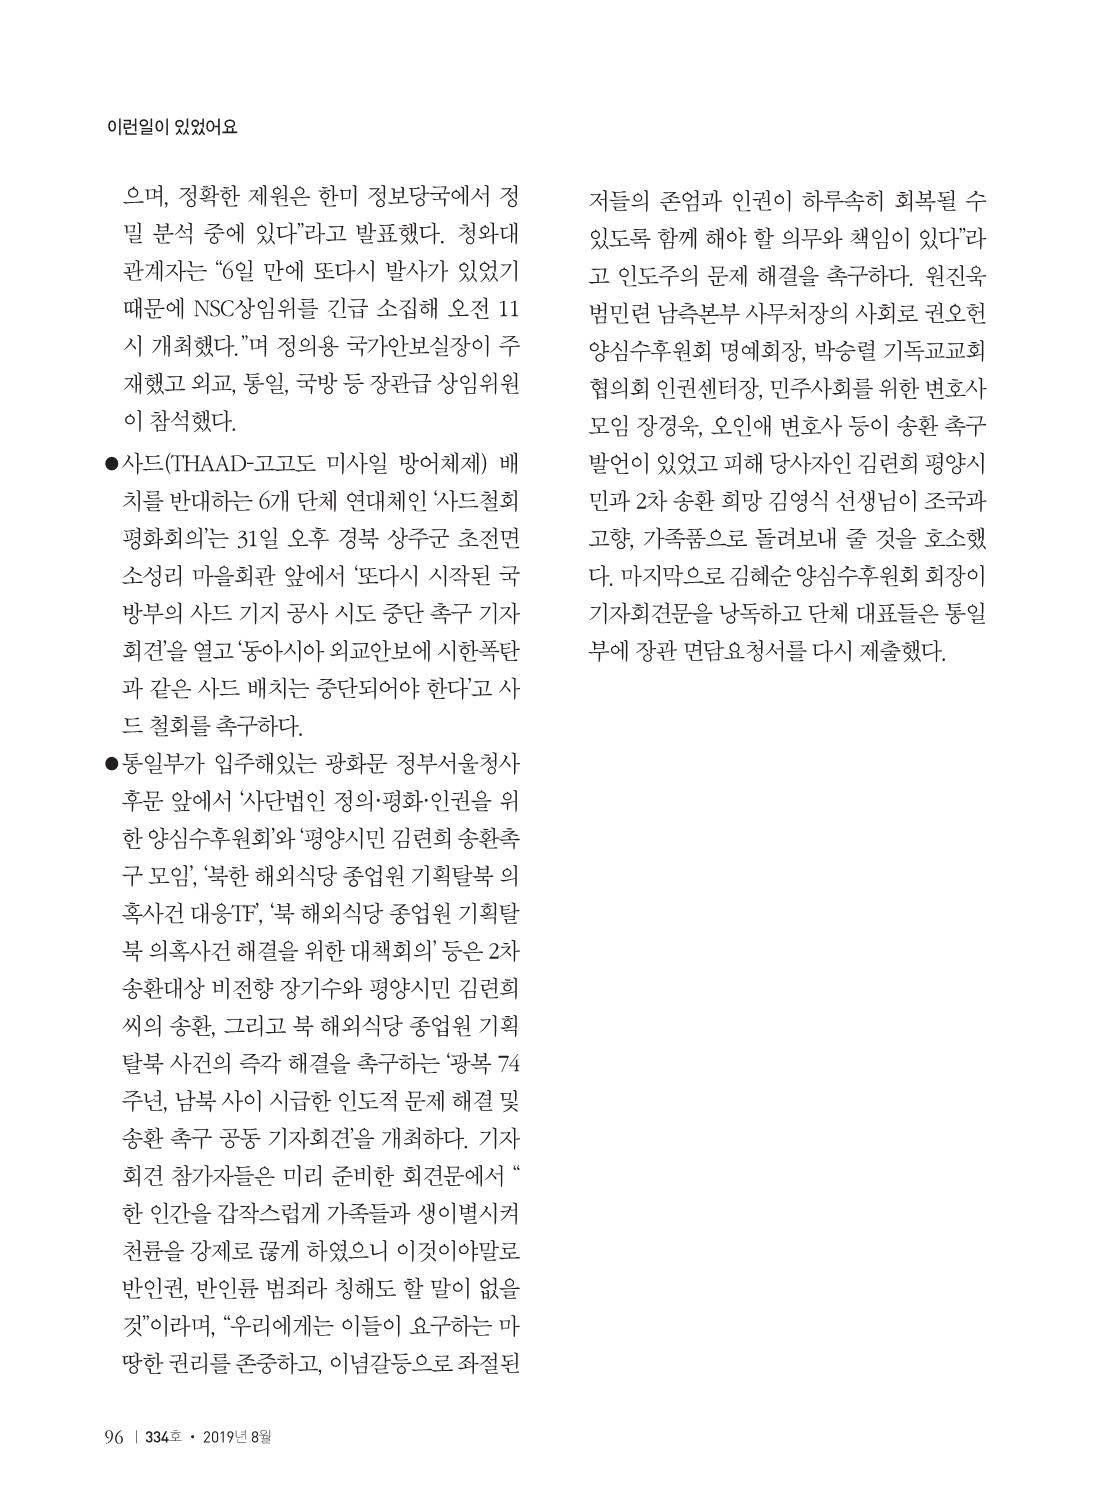 e6977657-dbeb-4761-8f85-947ee75f2b20.pdf-0098.jpg